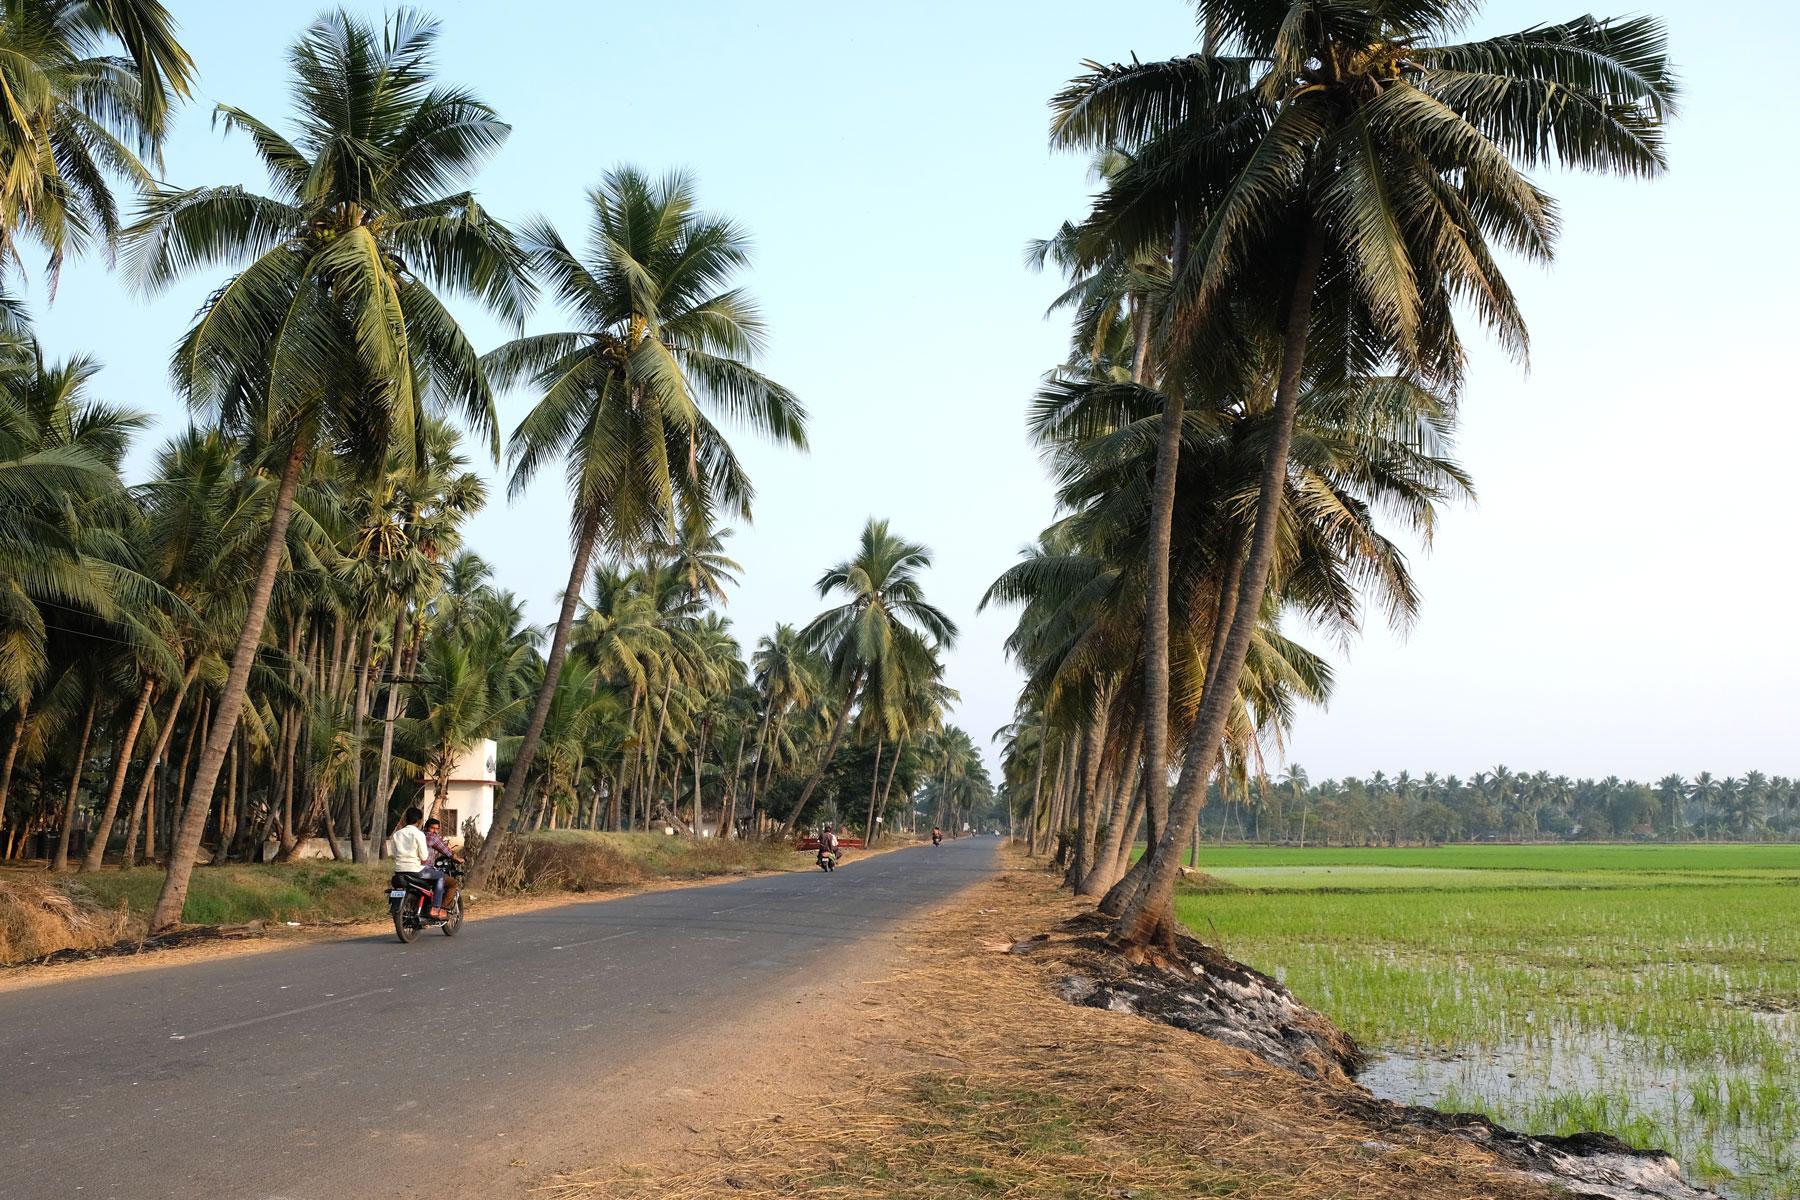 Eine von Palmen gesäumte Straße neben einem Reisfeld.